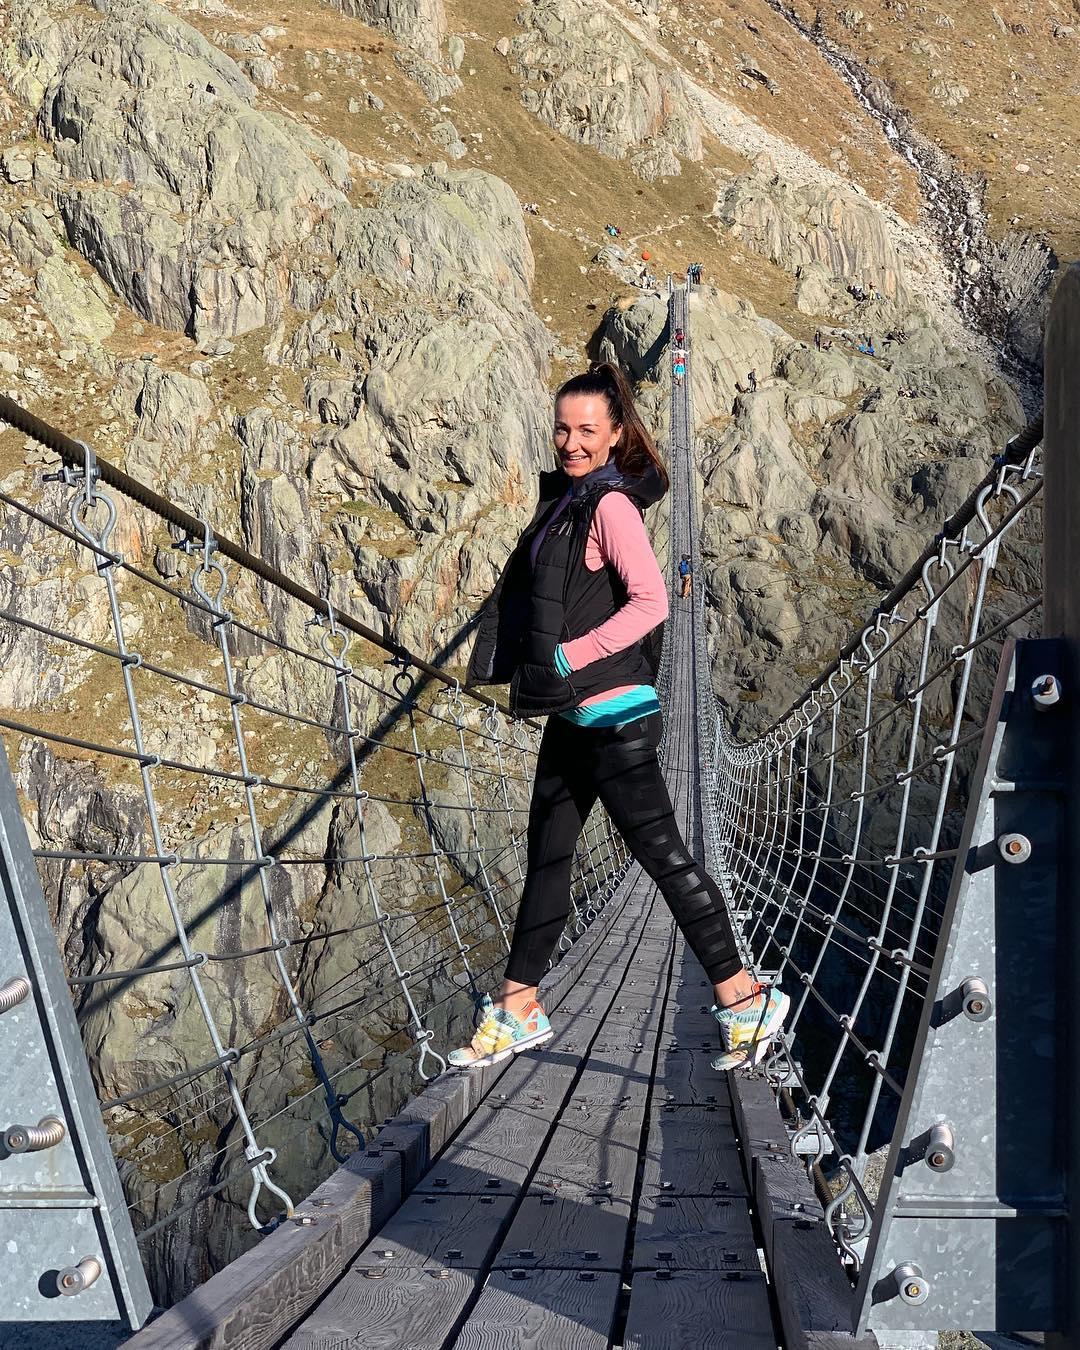 12 tour du lịch thách thức những người dũng cảm nhất - 8